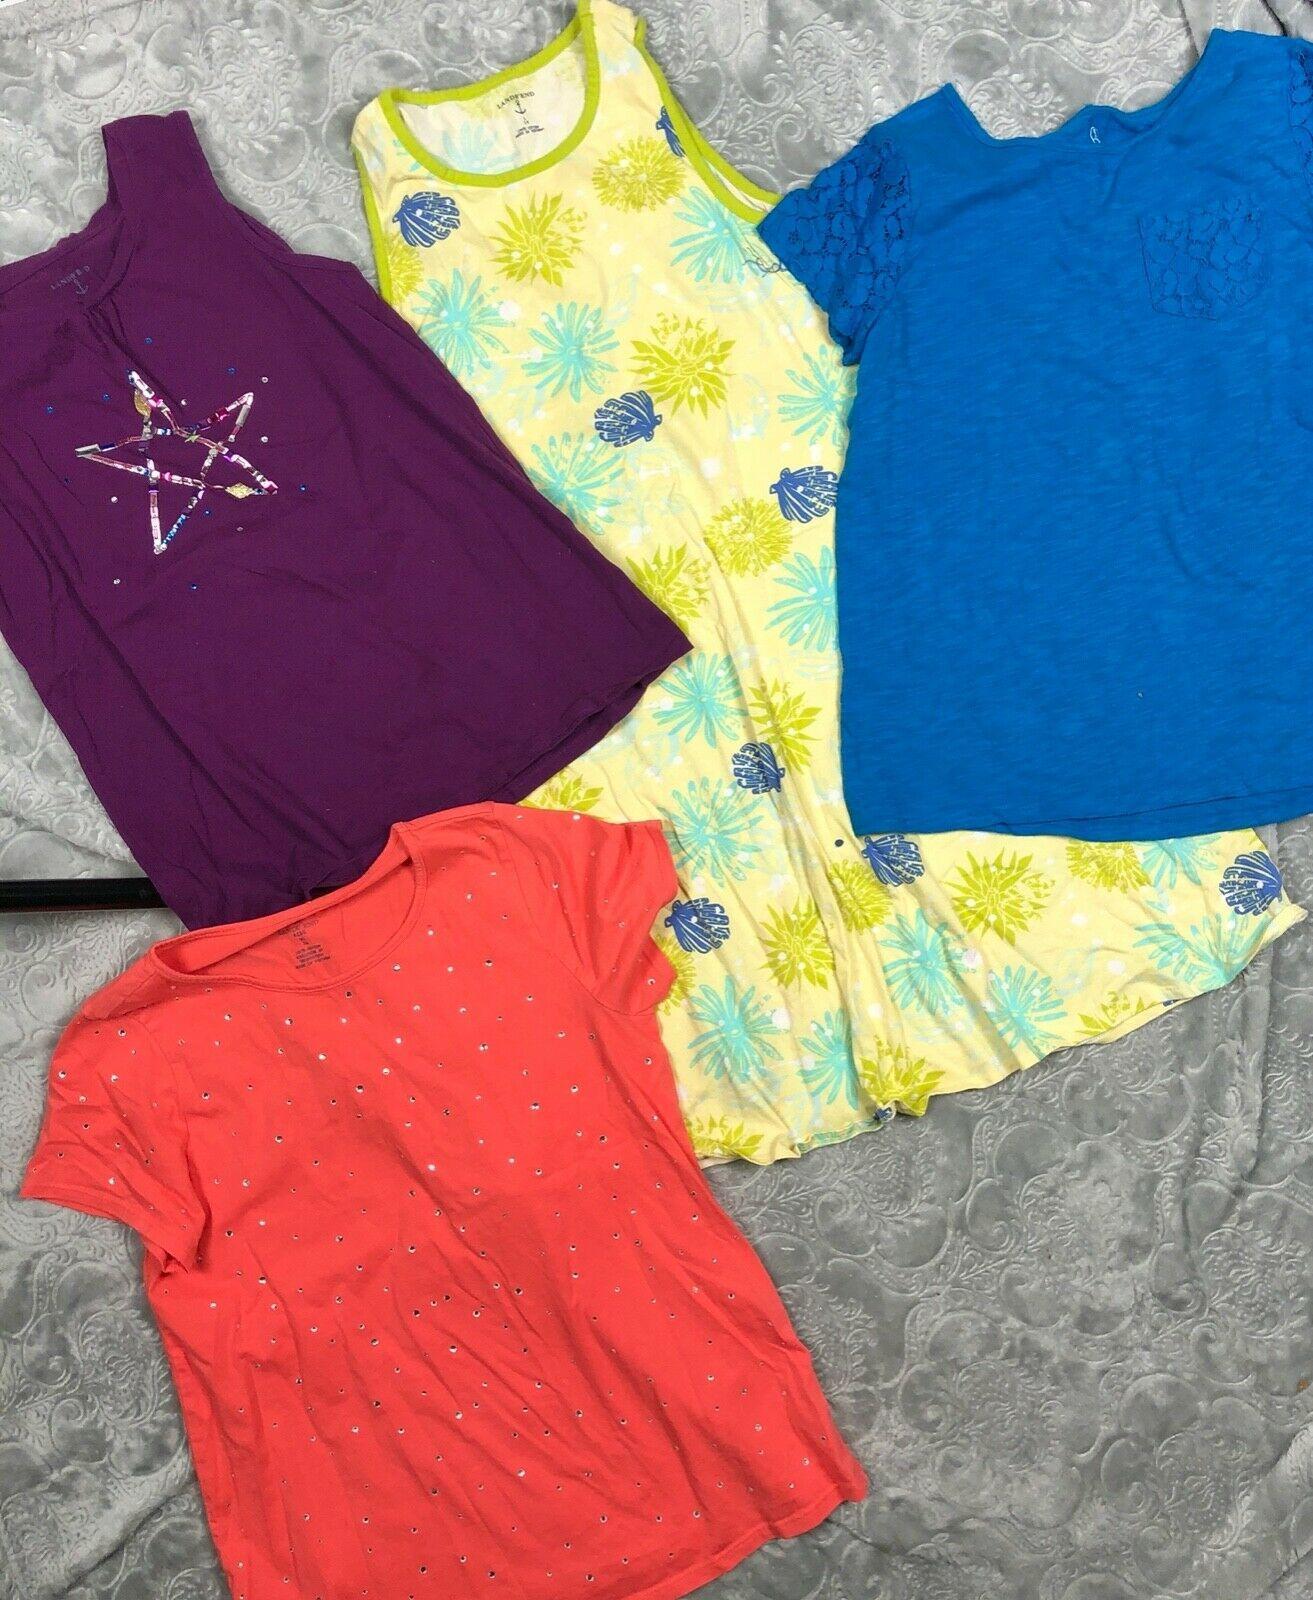 LANDS END KIDS Summer Tops Lot Sleeveless Tank Dress T-Shirt Girl's Size 14